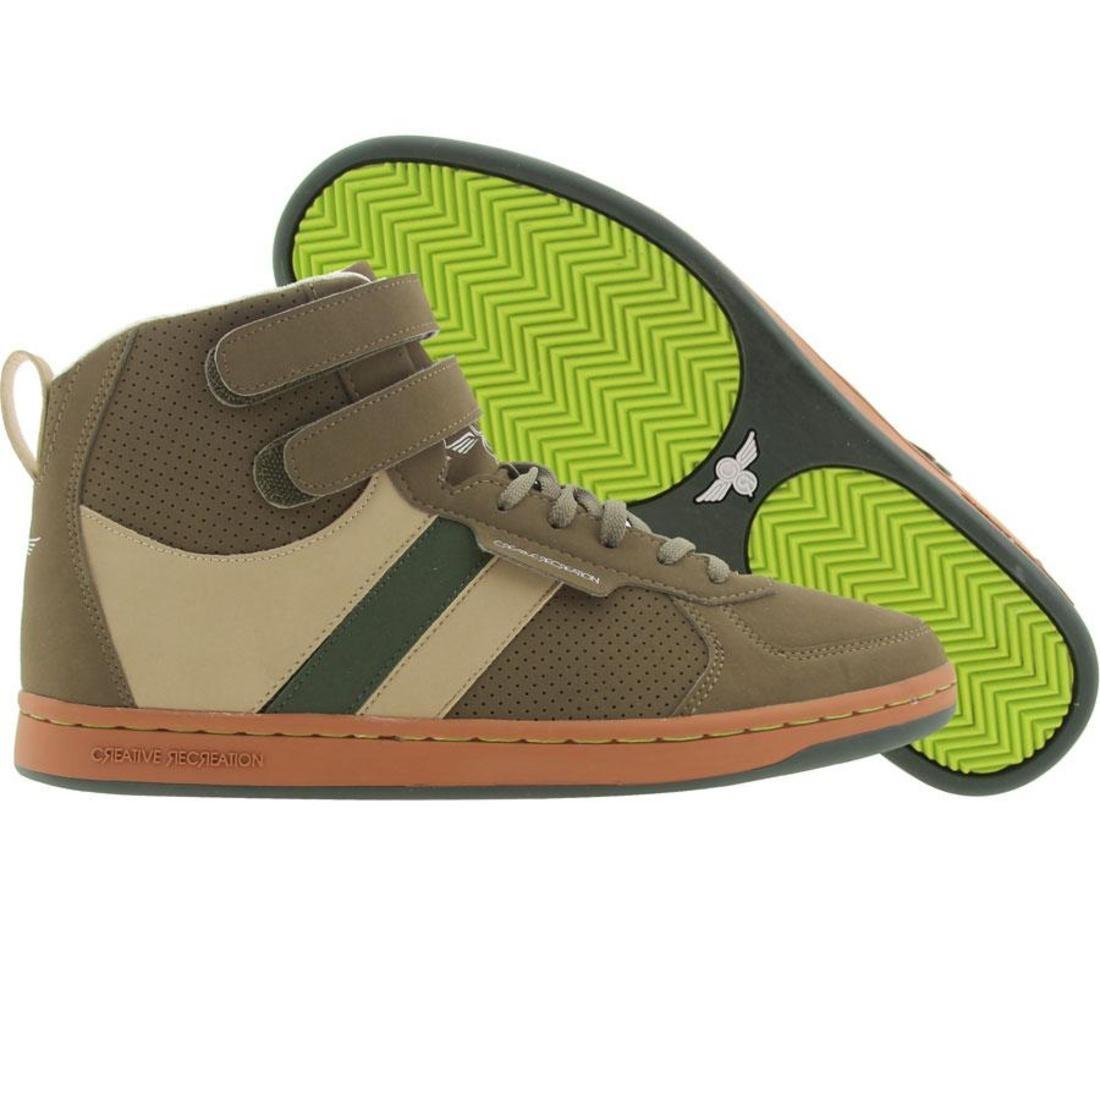 【海外限定】緑 グリーン スニーカー メンズ靴 【 GREEN CREATIVE RECREATION DICOCO MILITARY GARDEN RUST 】